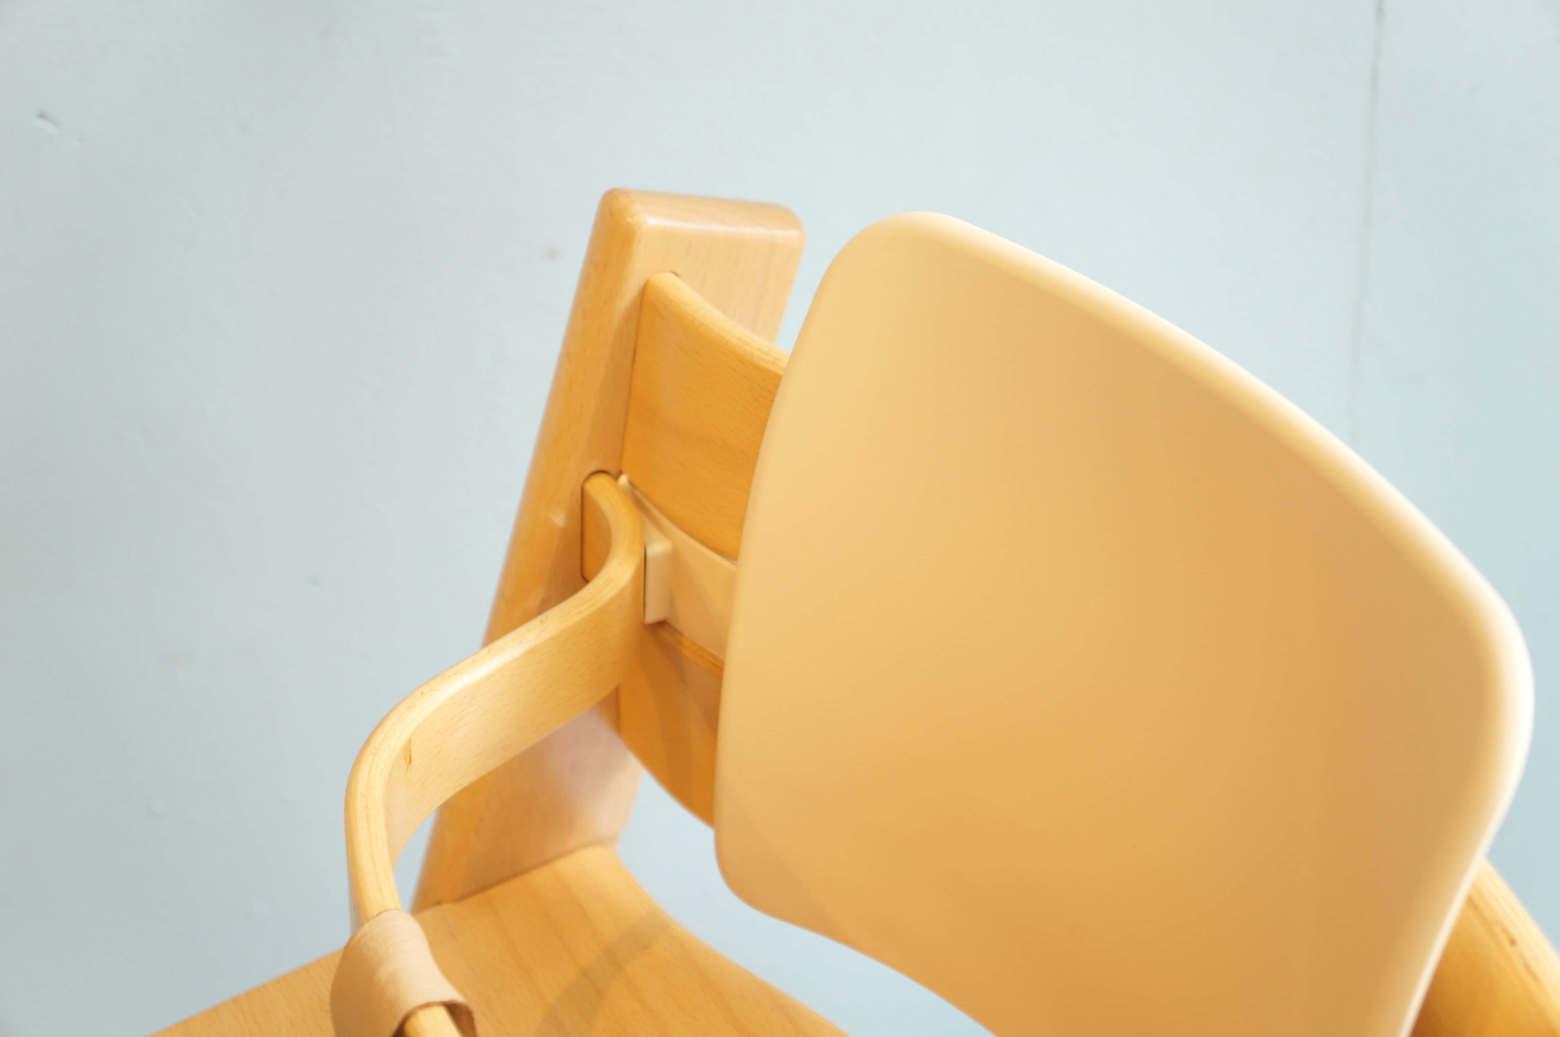 STOKKE TRIPP TRAPP CHAIR / ストッケ トリップ トラップ チェア ナチュラル カラー